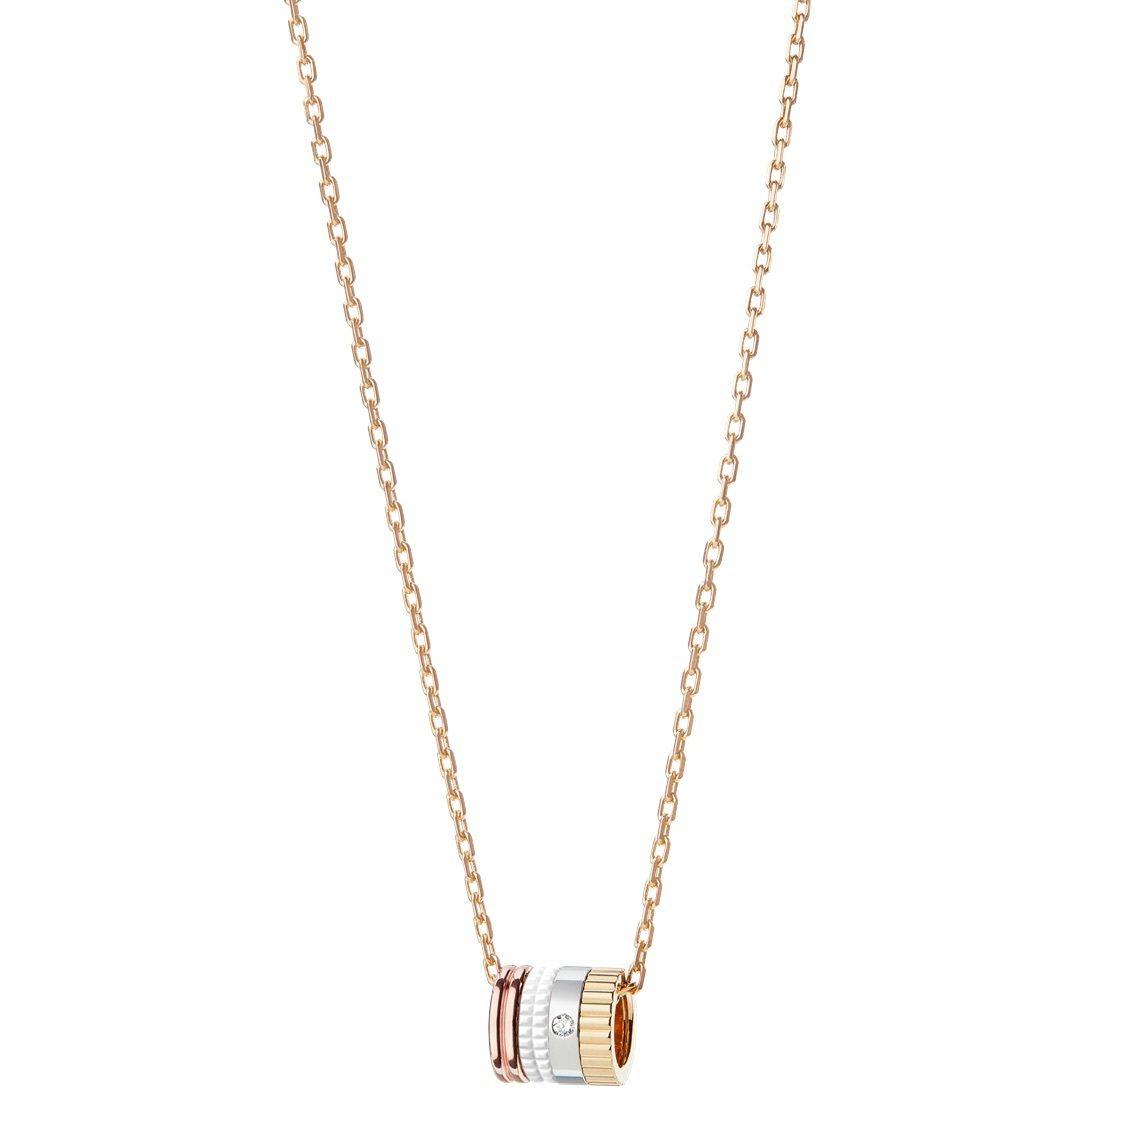 Quatre系列玫瑰金、黃金、白金鑲鑽項鍊,99,000元。圖/寶詩龍提供